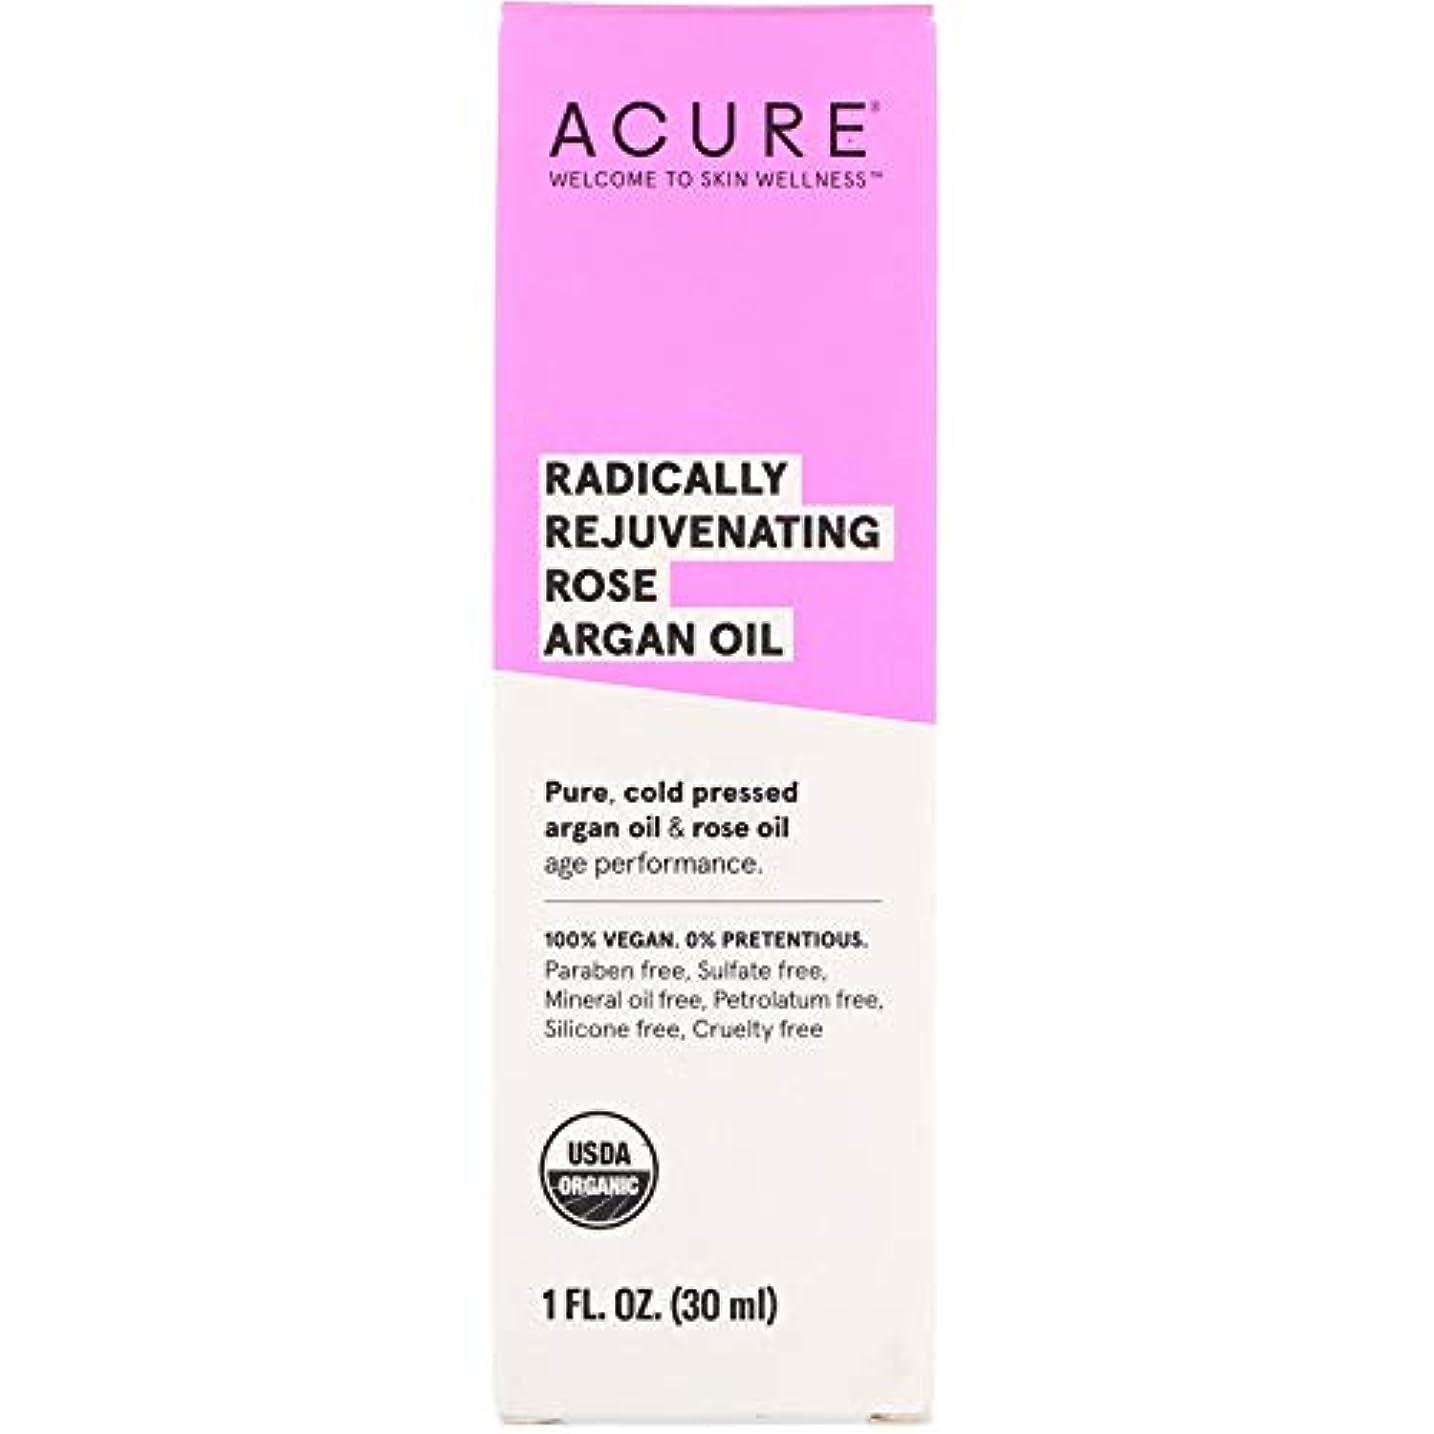 日ミル白菜Acure Organics, Radically Rejuvenating, Rose Argan Oil, 1 fl oz ローズアルガンオイル (30 ml) [並行輸入品]